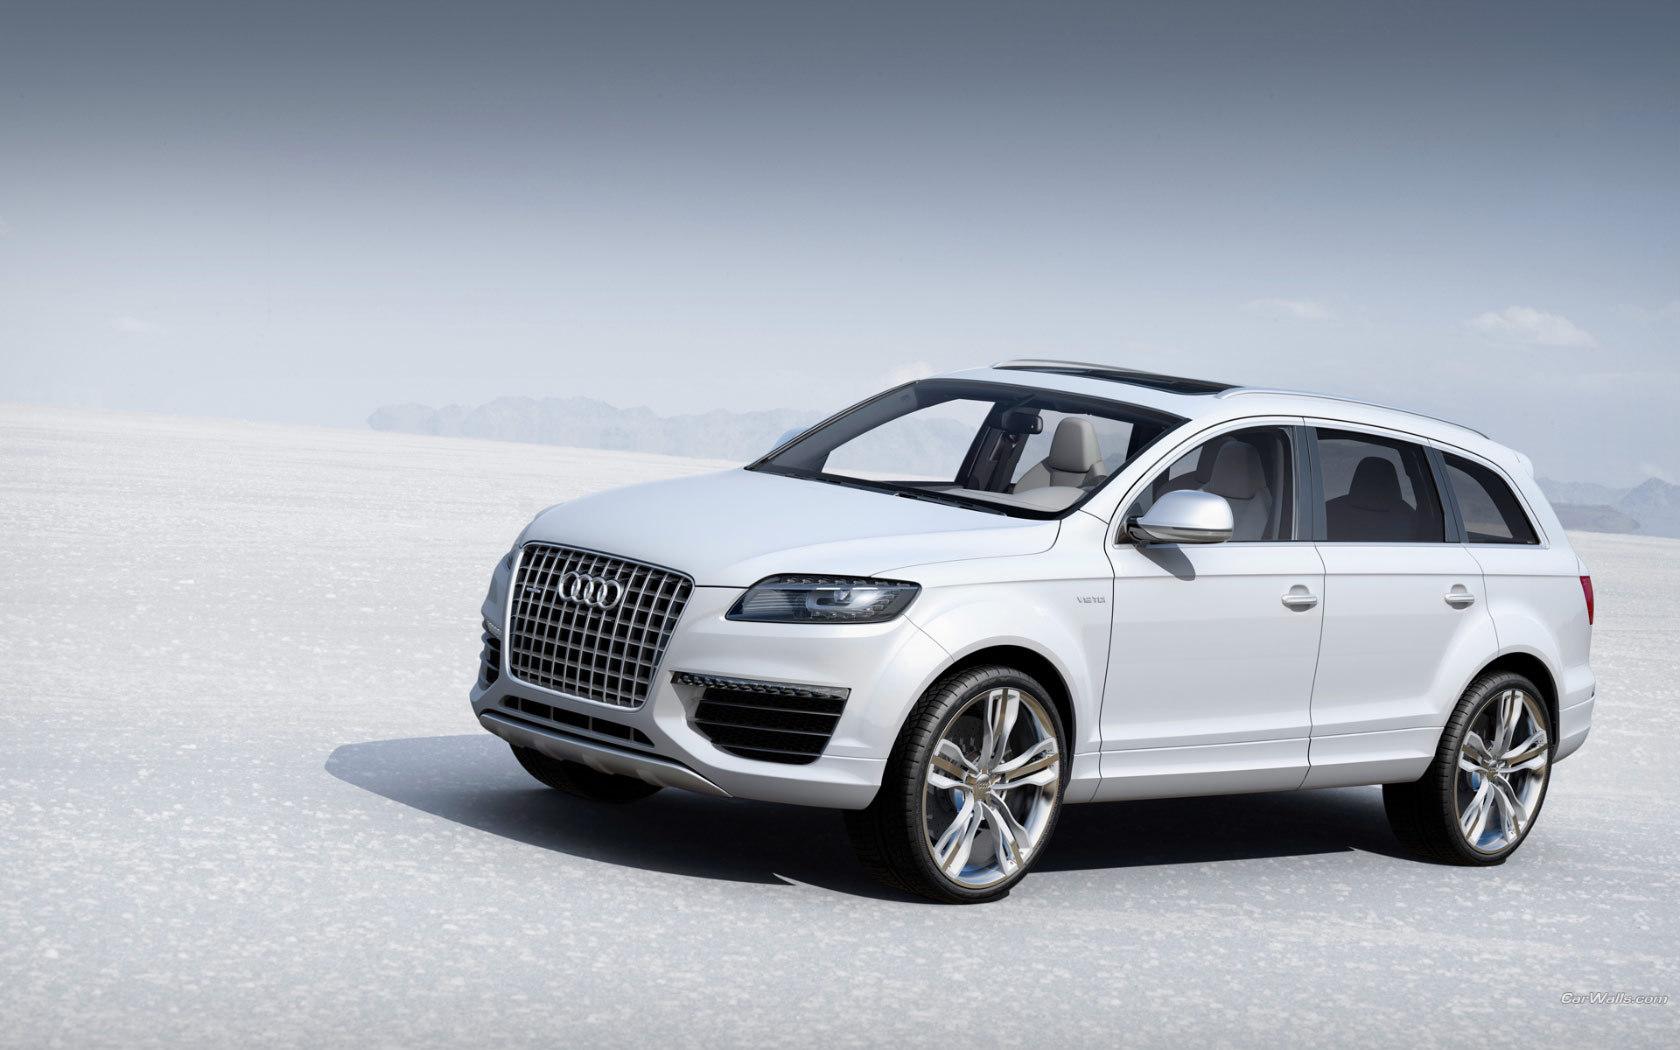 9774 скачать обои Транспорт, Машины, Ауди (Audi) - заставки и картинки бесплатно